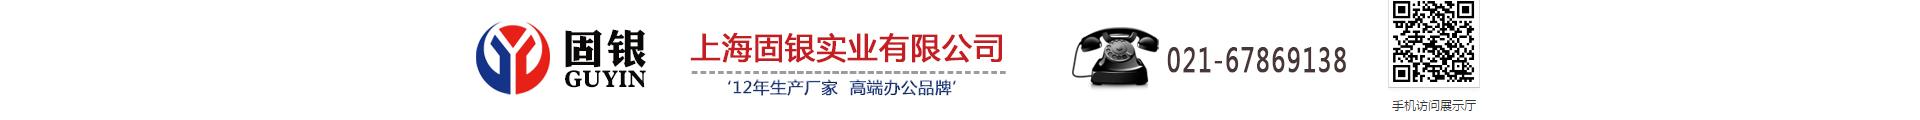 上海固銀實業有限公司